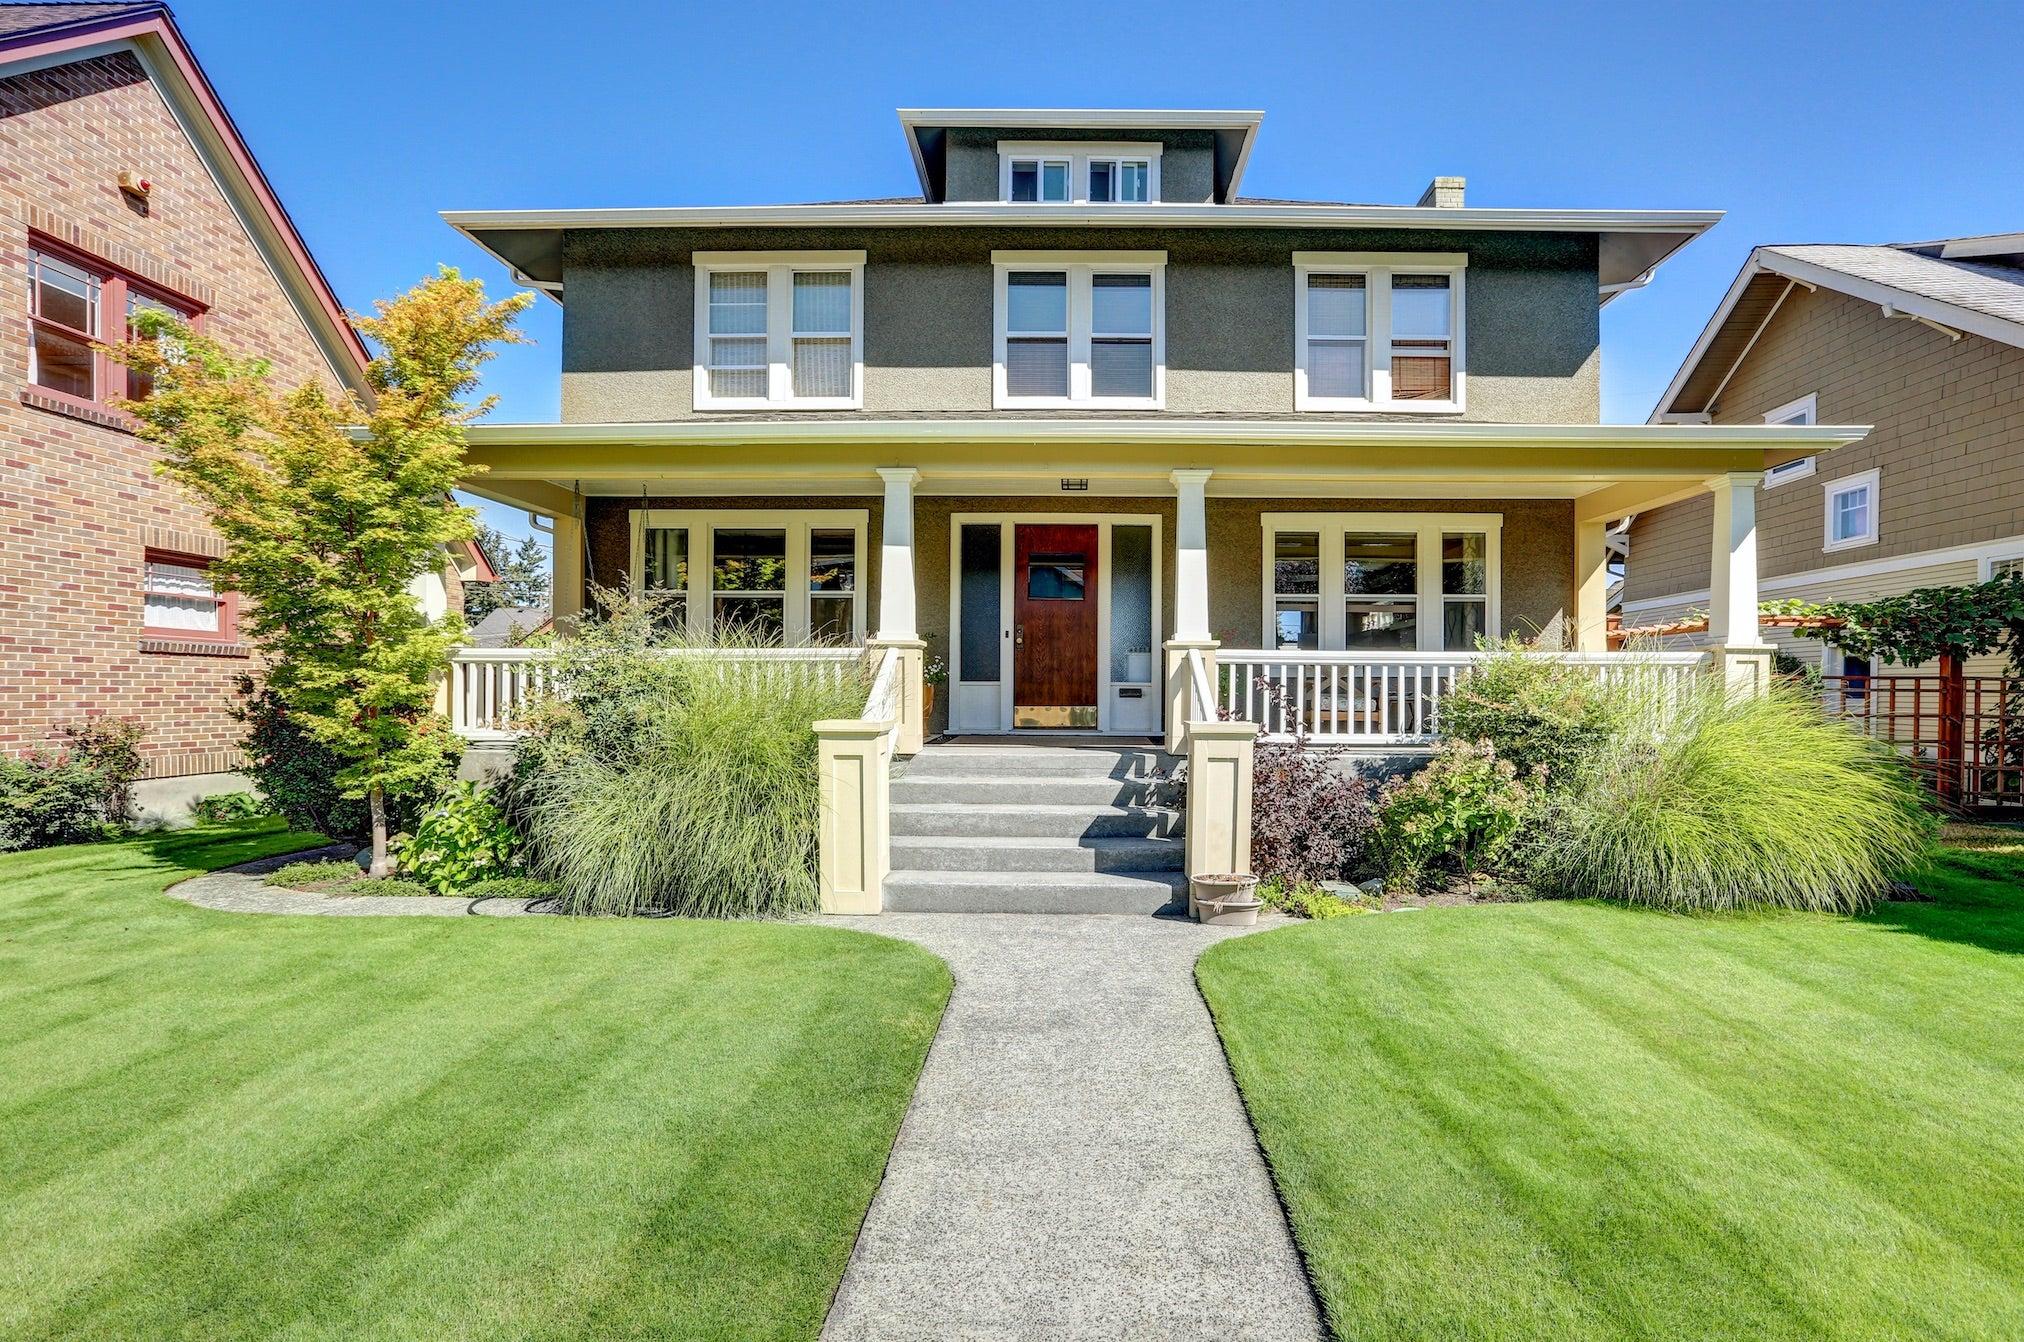 Median Home Value